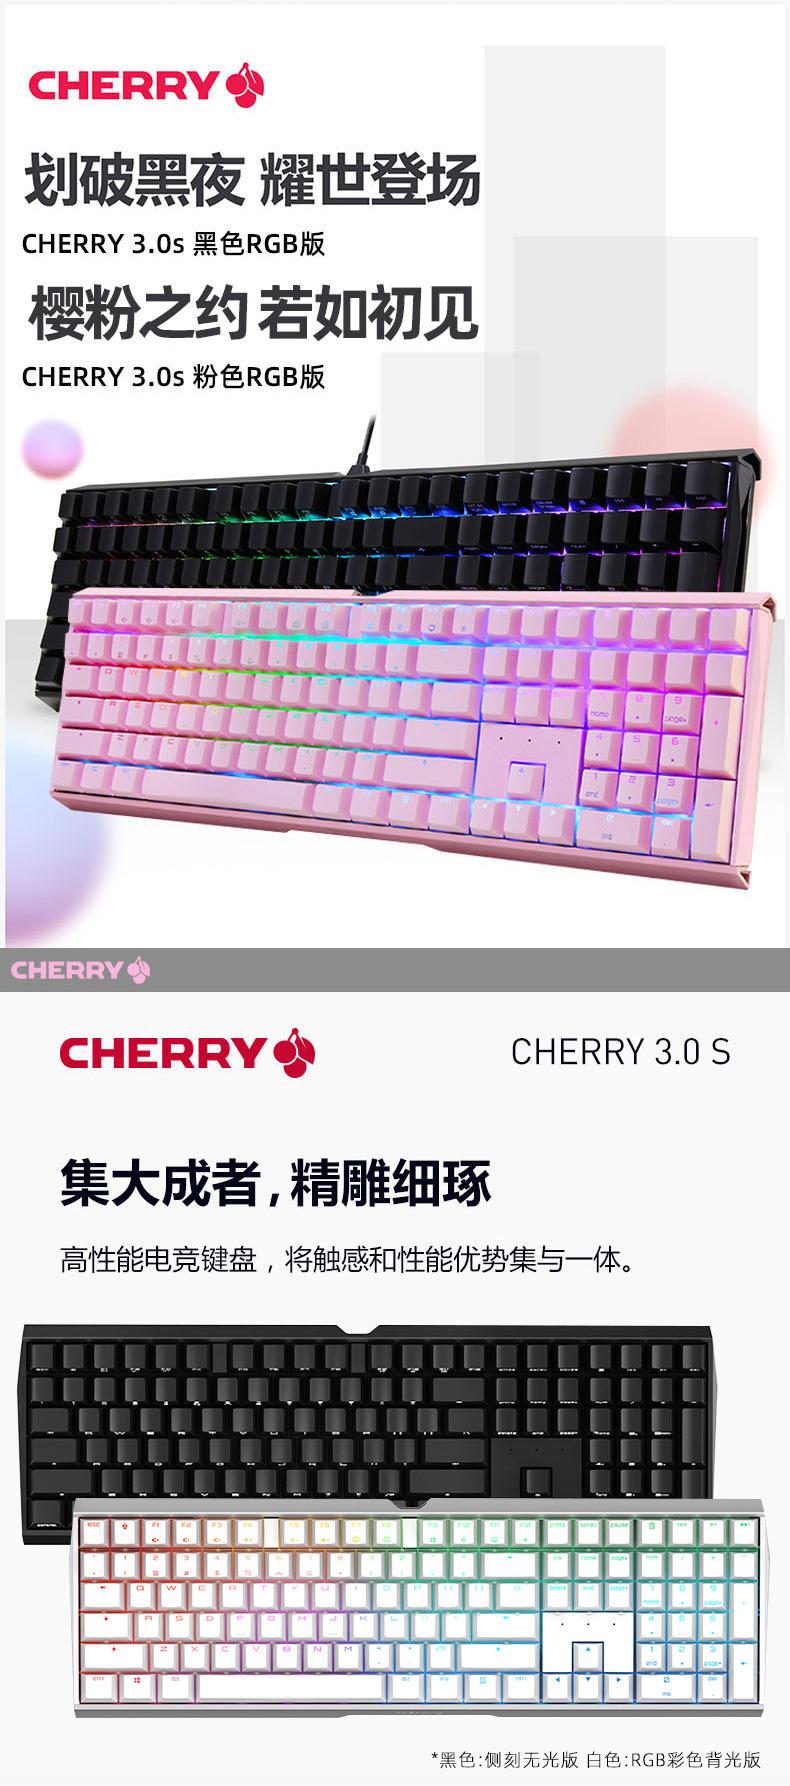 樱桃游戏侧刻粉色机械键盘黑轴青轴茶轴红轴白色详细照片